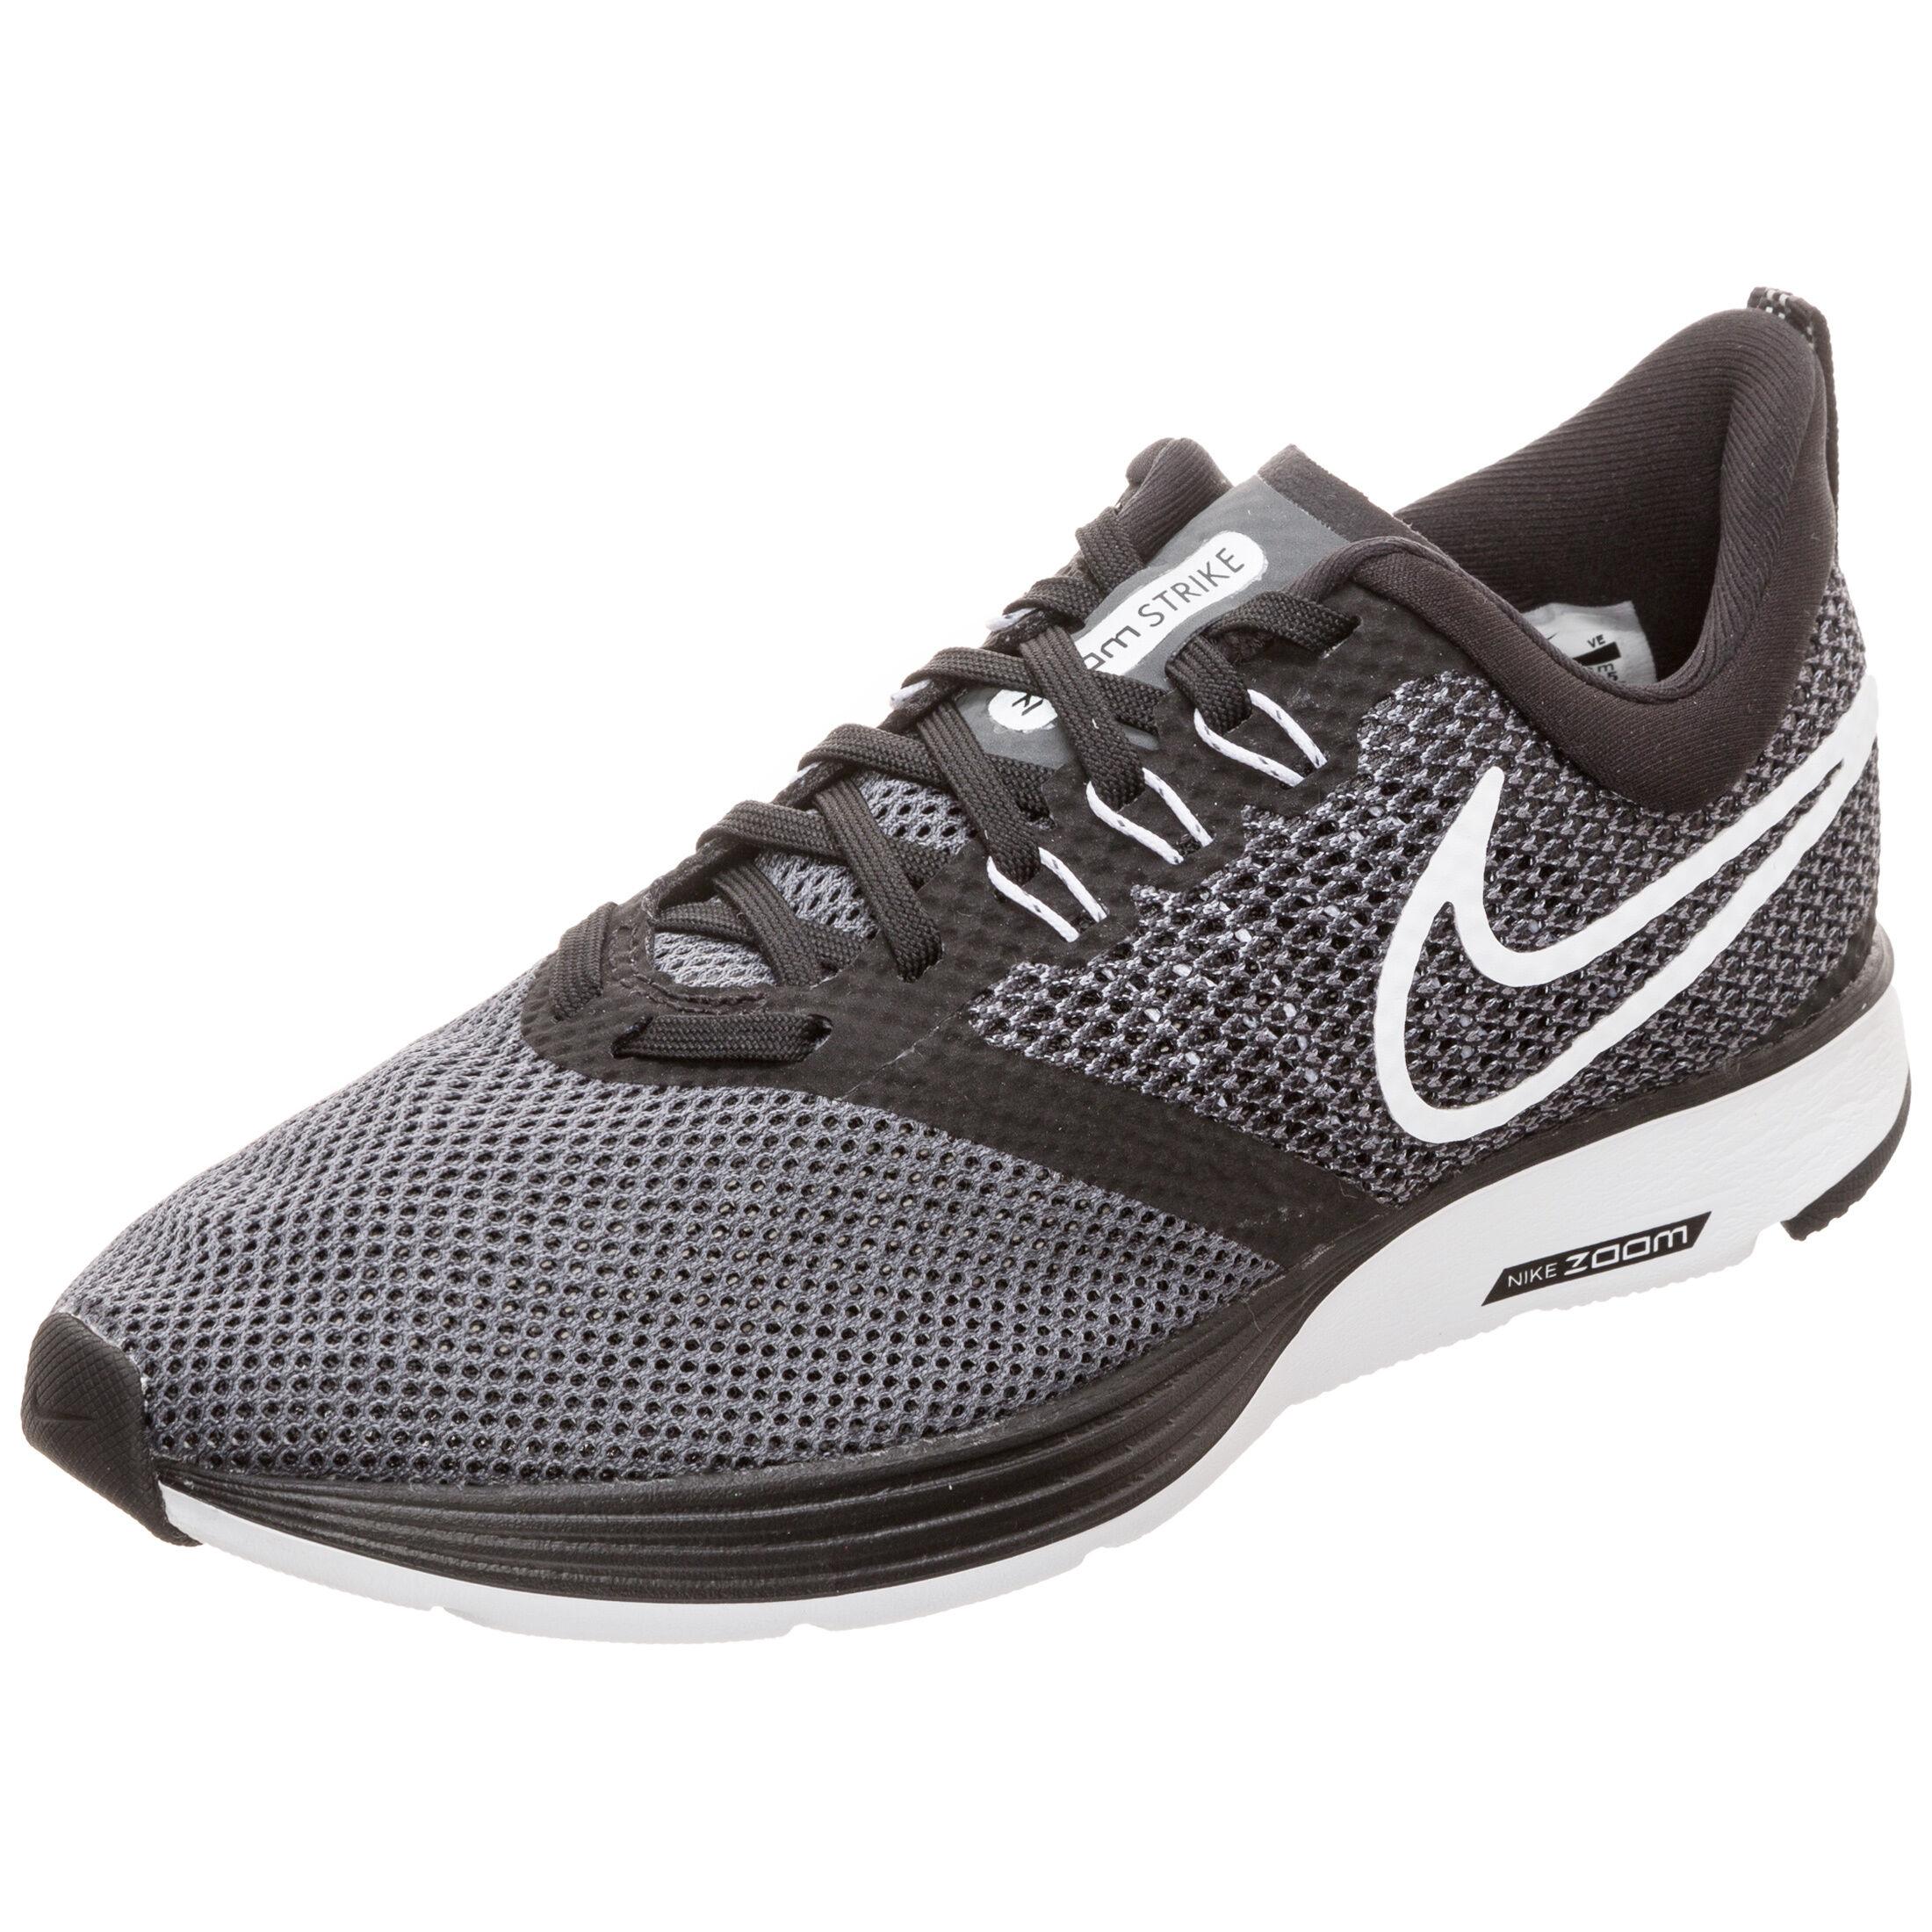 Nike Performance, Zoom Strike Laufschuhe, schwarz